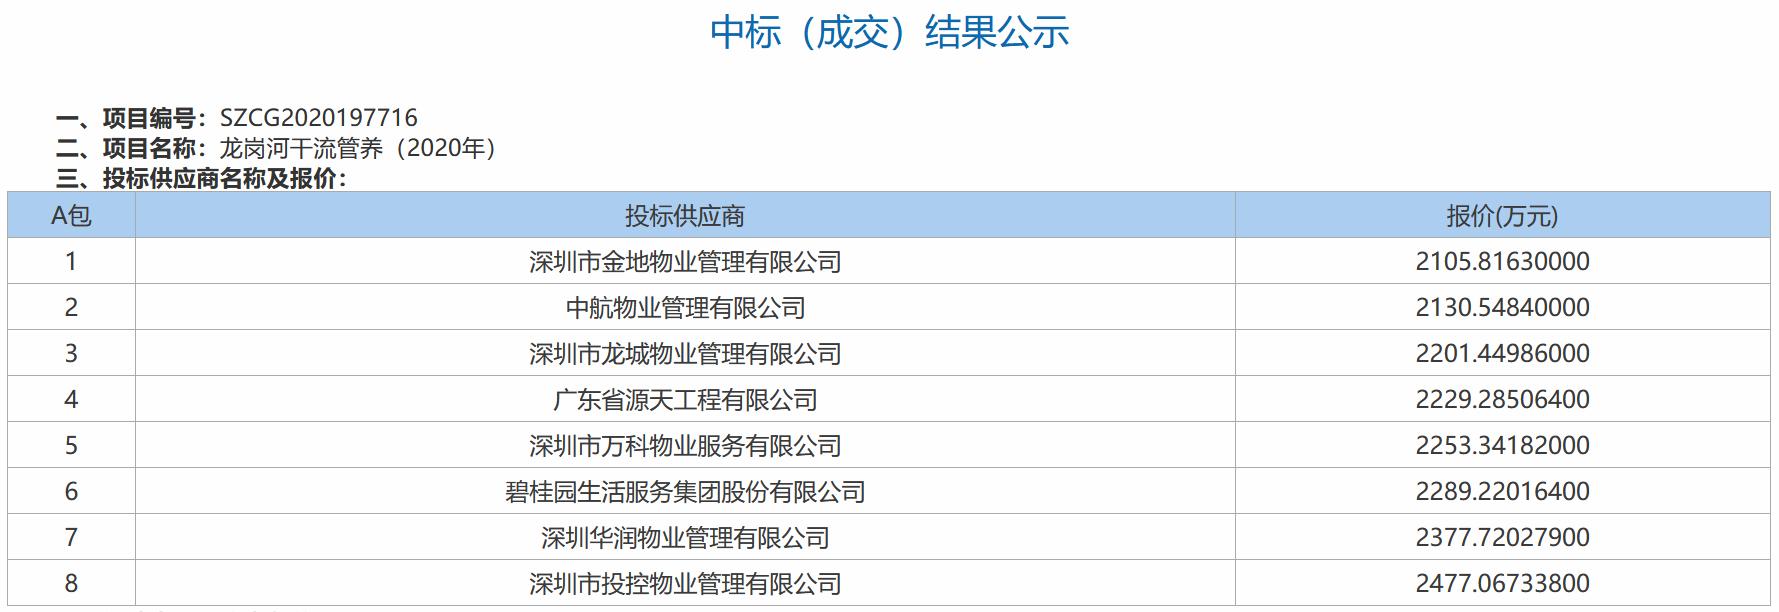 透市|物业公司抢跑河道管养 逐鹿之争硝烟四起-中国网地产